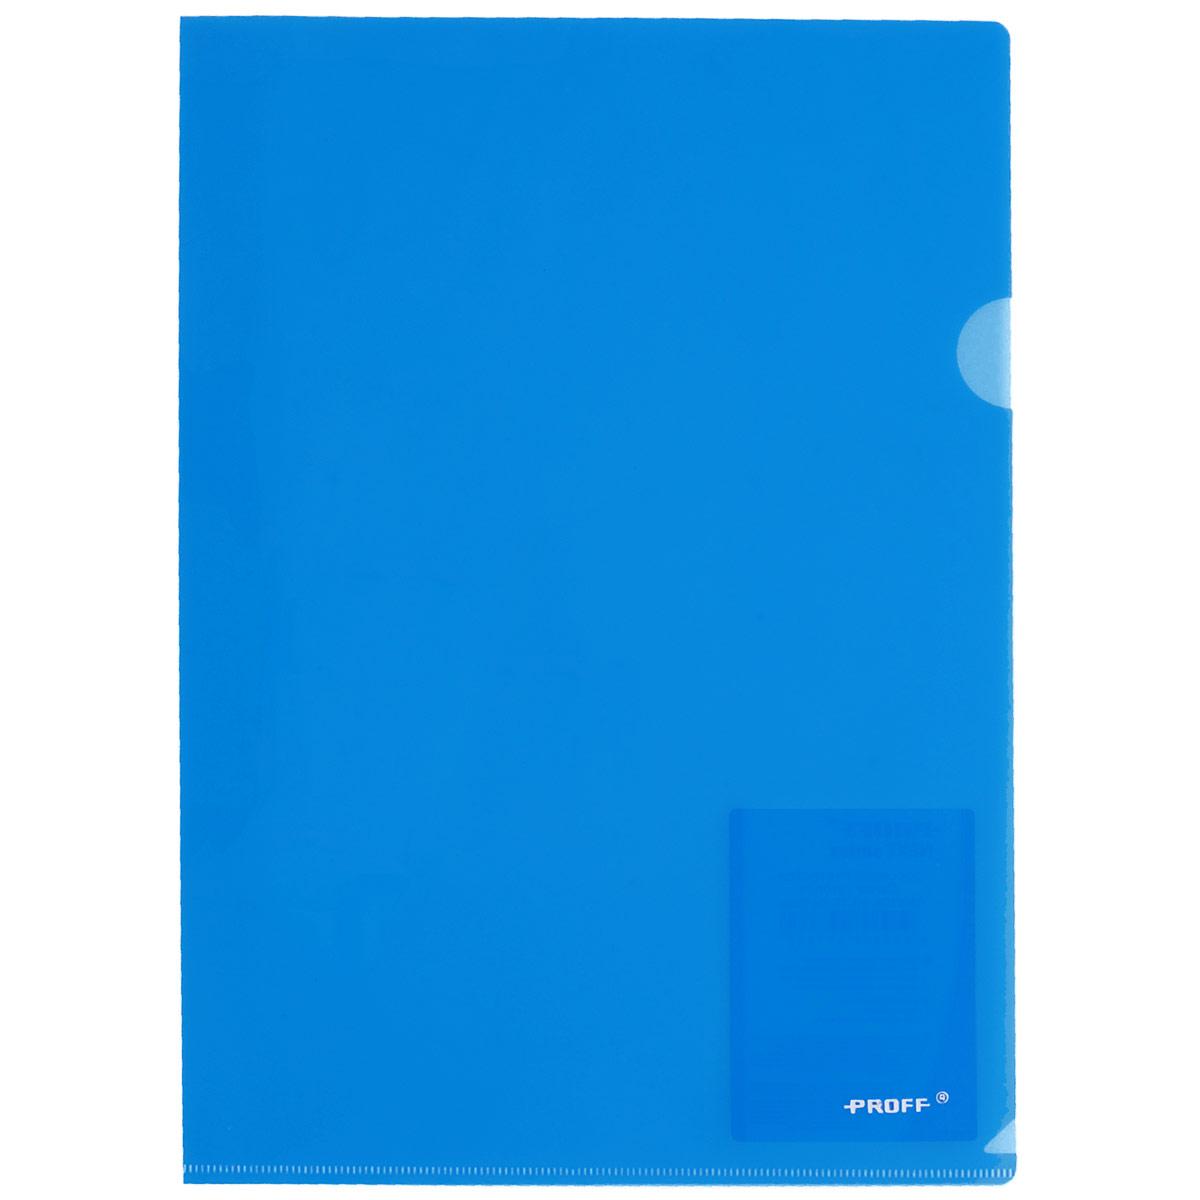 Proff Папка-уголок Alpha цвет синийCH510A/20-TF-04Папка-уголок Proff Alpha, изготовленная из высококачественного полипропилена - это удобный и практичный офисный инструмент, предназначенный для хранения и транспортировки рабочих бумаг и документов формата А4. Полупрозрачная глянцевая папка имеет опрятный и неброский вид. Папка-уголок - это незаменимый атрибут для студента, школьника, офисного работника. Такая папка надежно сохранит ваши документы и сбережет их от повреждений, пыли и влаги.